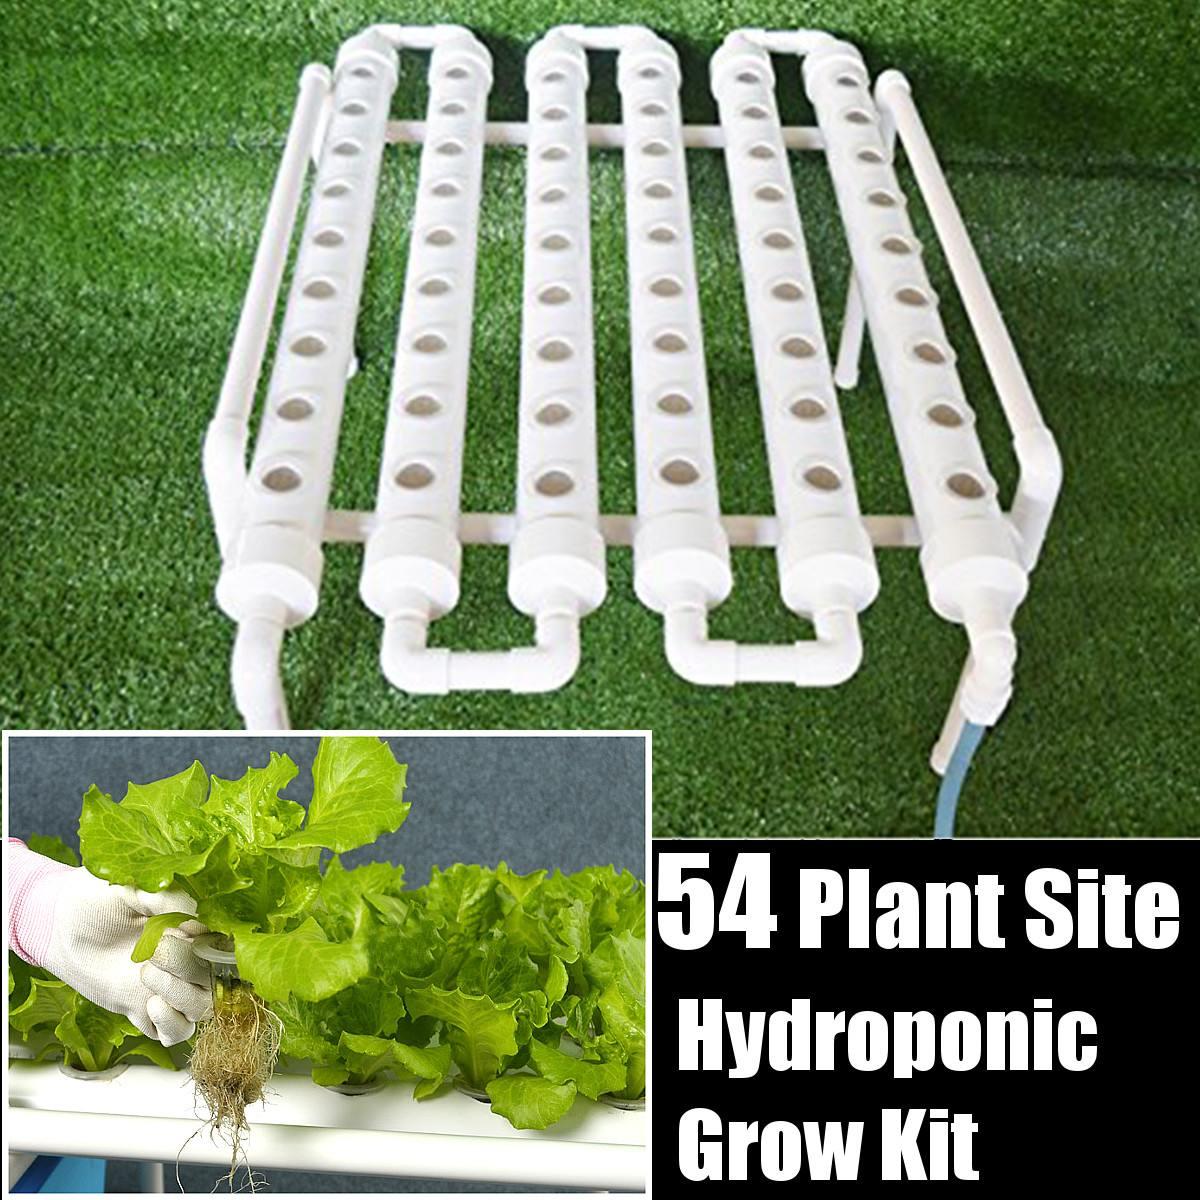 54 otwory hydroponicznych rurociągi miejscu zestaw do uprawy hodowla w głębokiej wodzie pole sadzenia w ogrodnictwo System doniczka do rozsad hydroponicznych stojak na 220 V